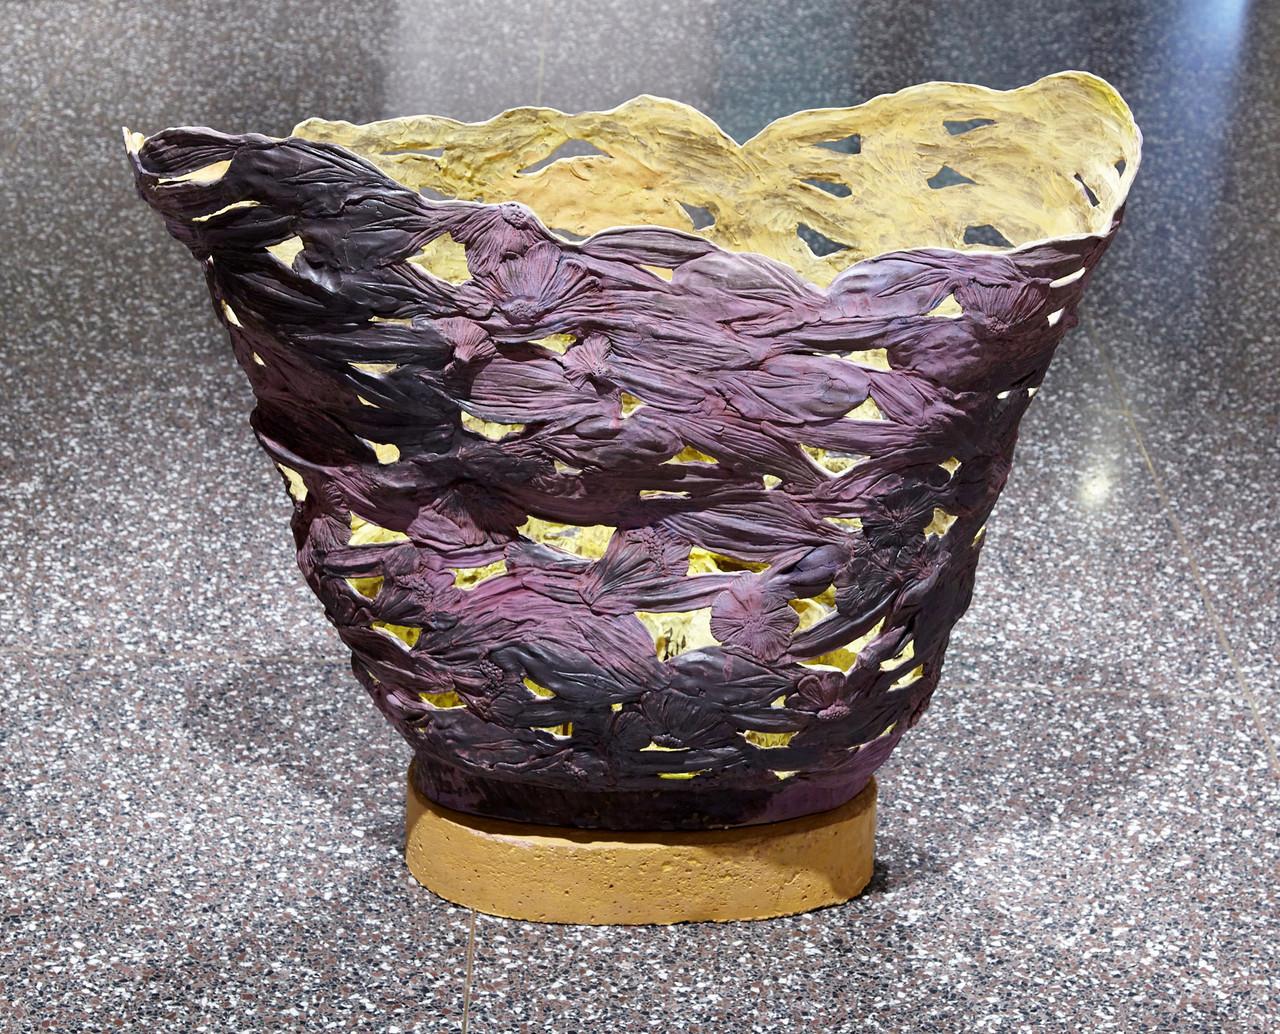 Wet Leaves Mirror the Sun  ceramic sculpture